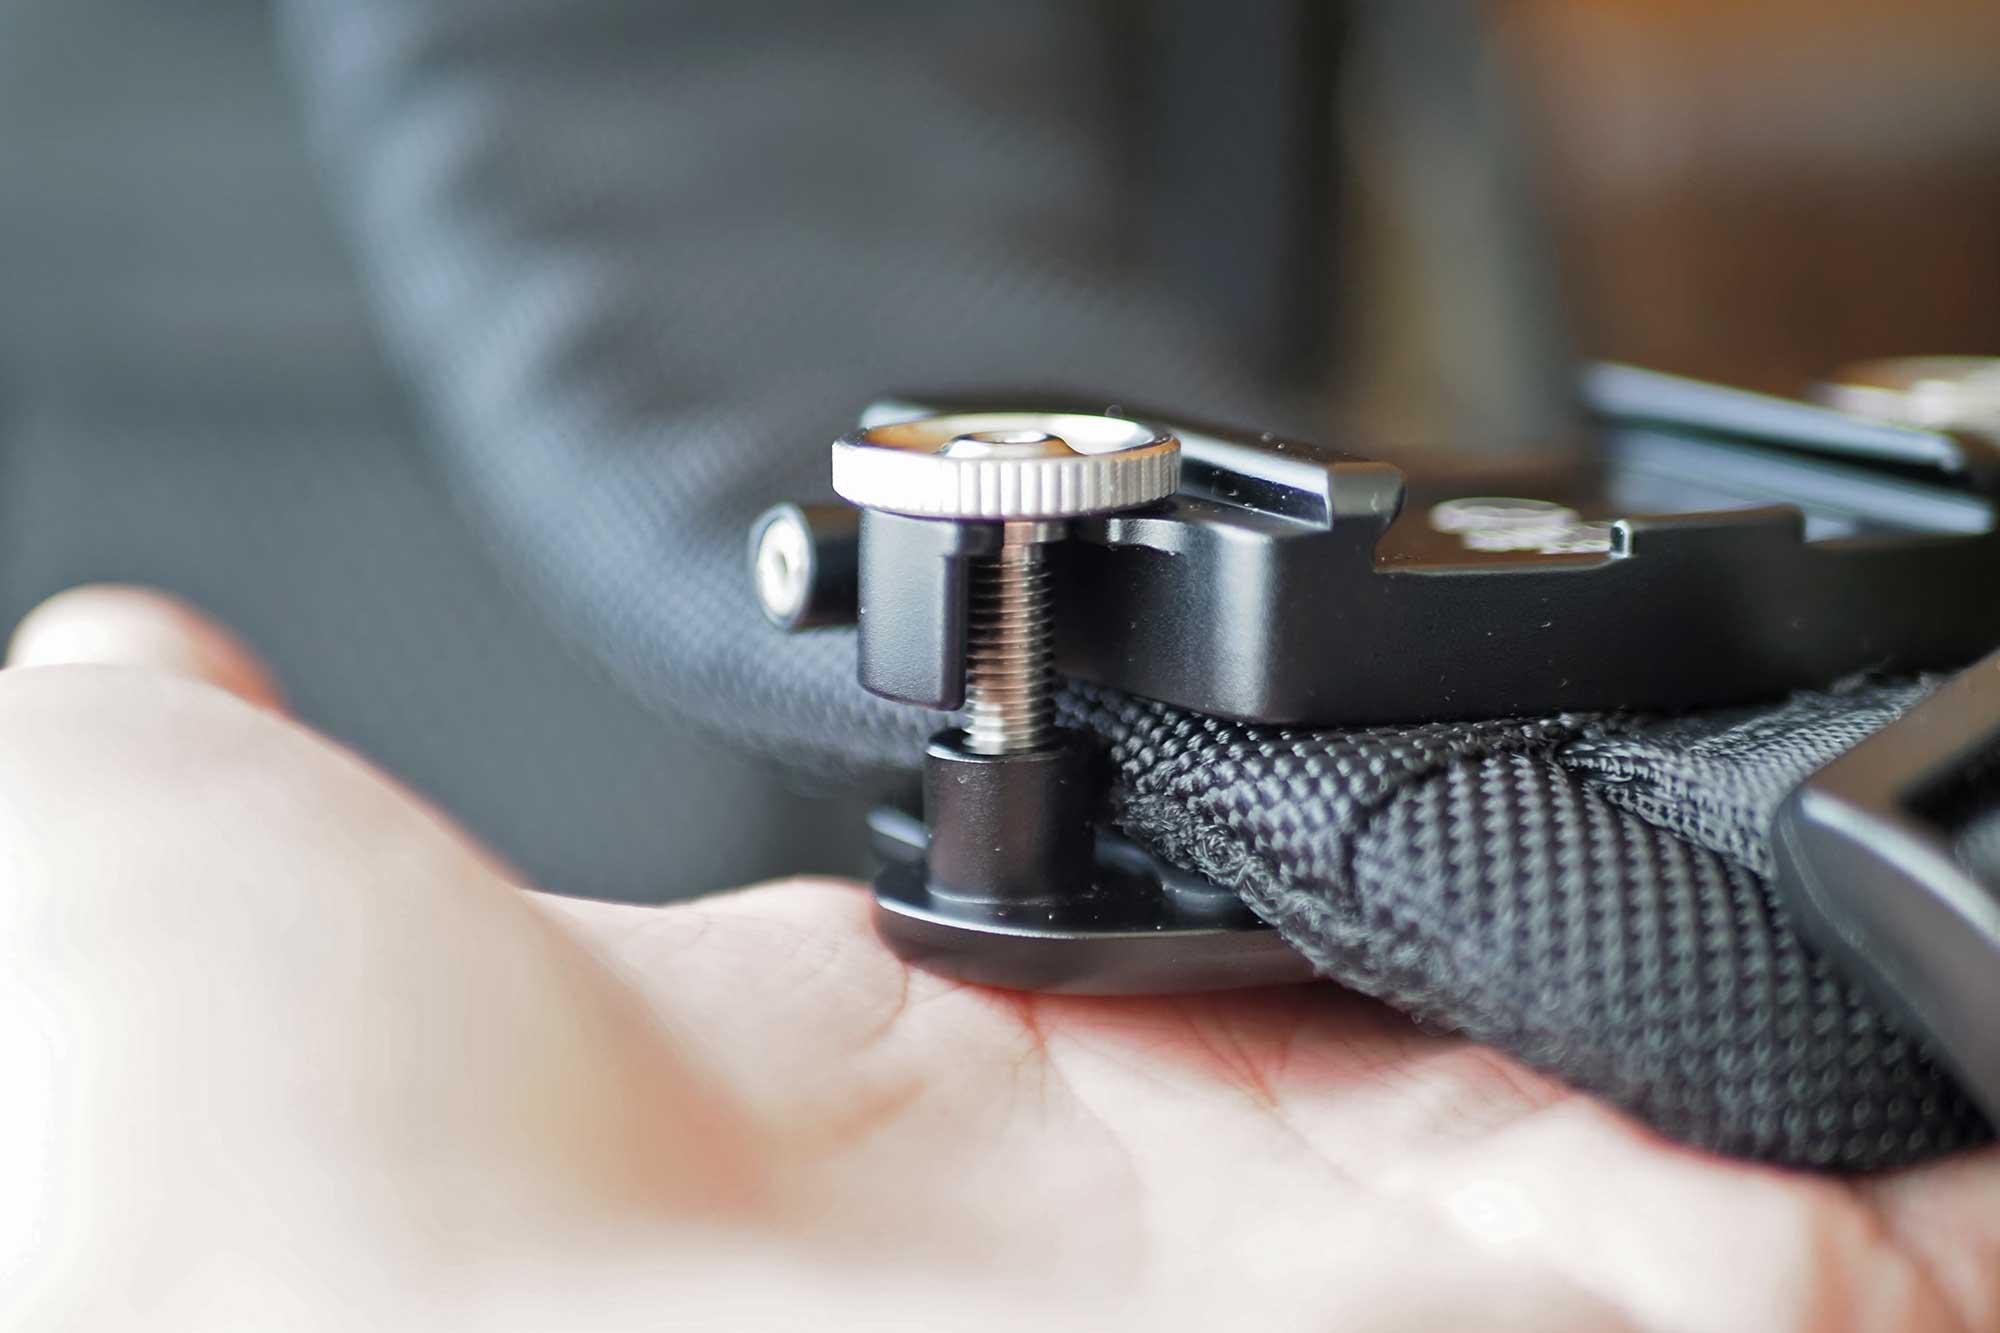 カメラホルスター,SWFOTO,ミラーレス一眼,一眼レフ,安い,コスパ,軽い,ねじ